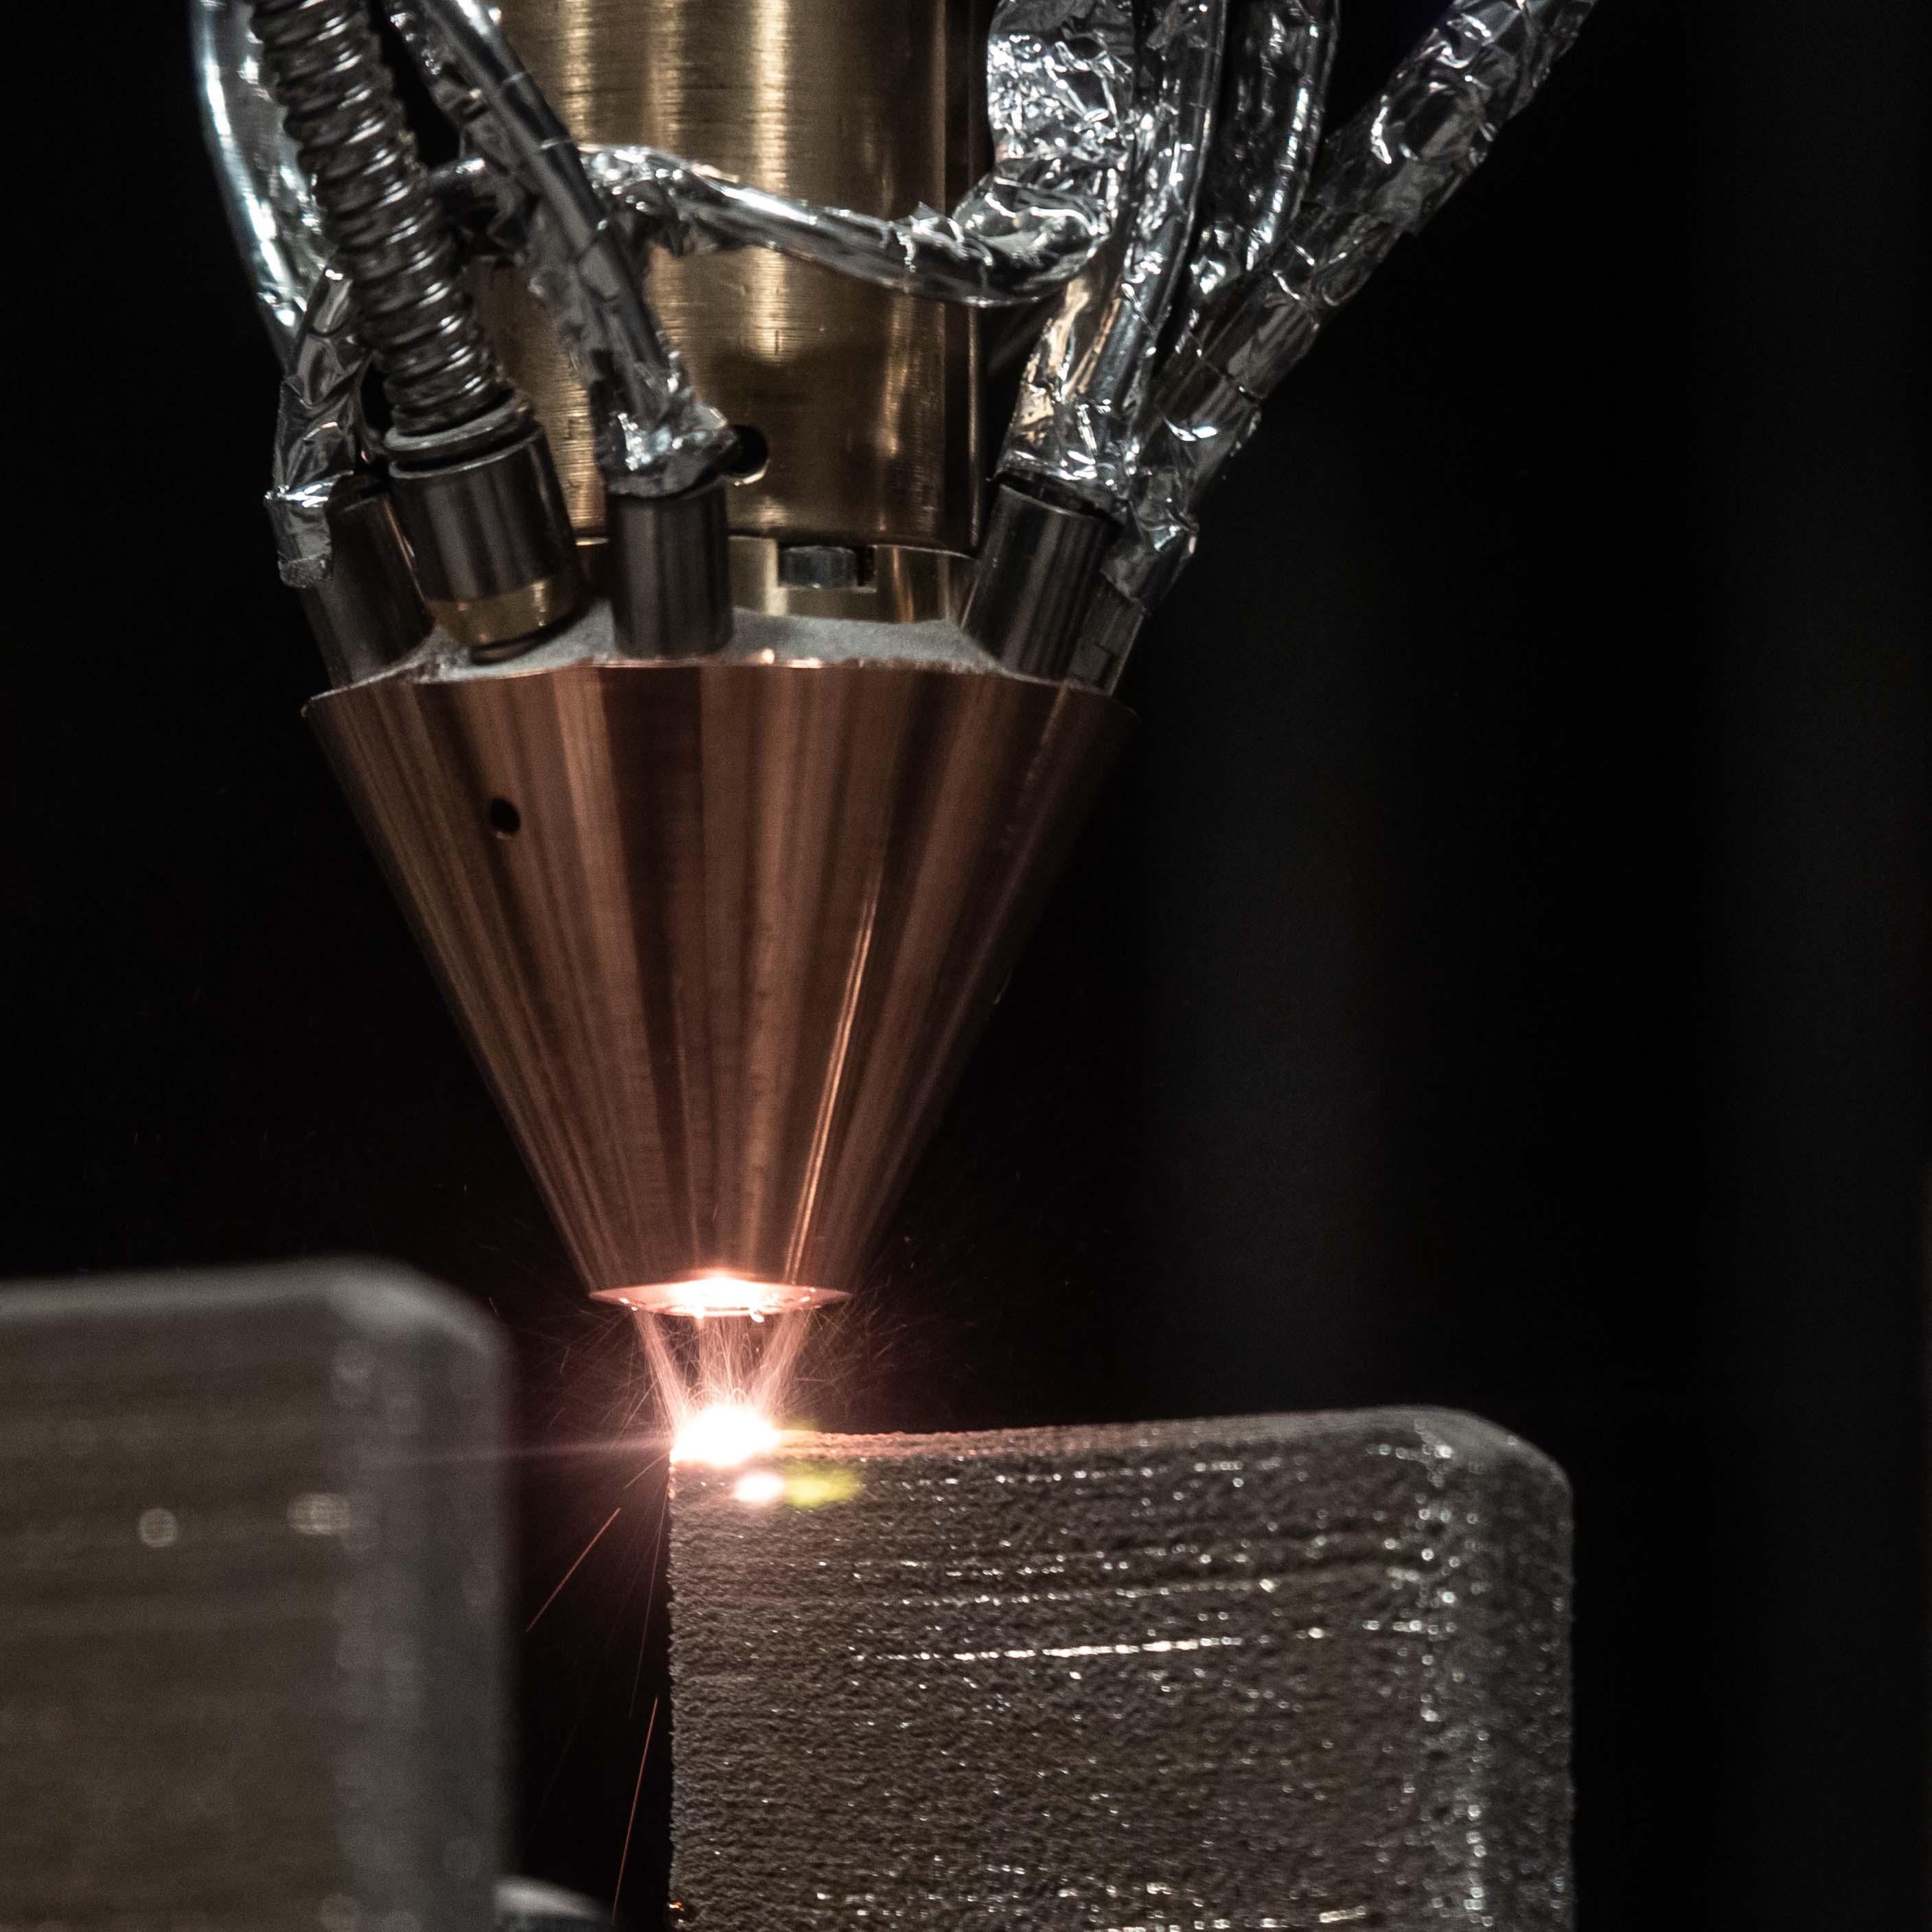 Прямое лазерное выращивание из титанового сплава